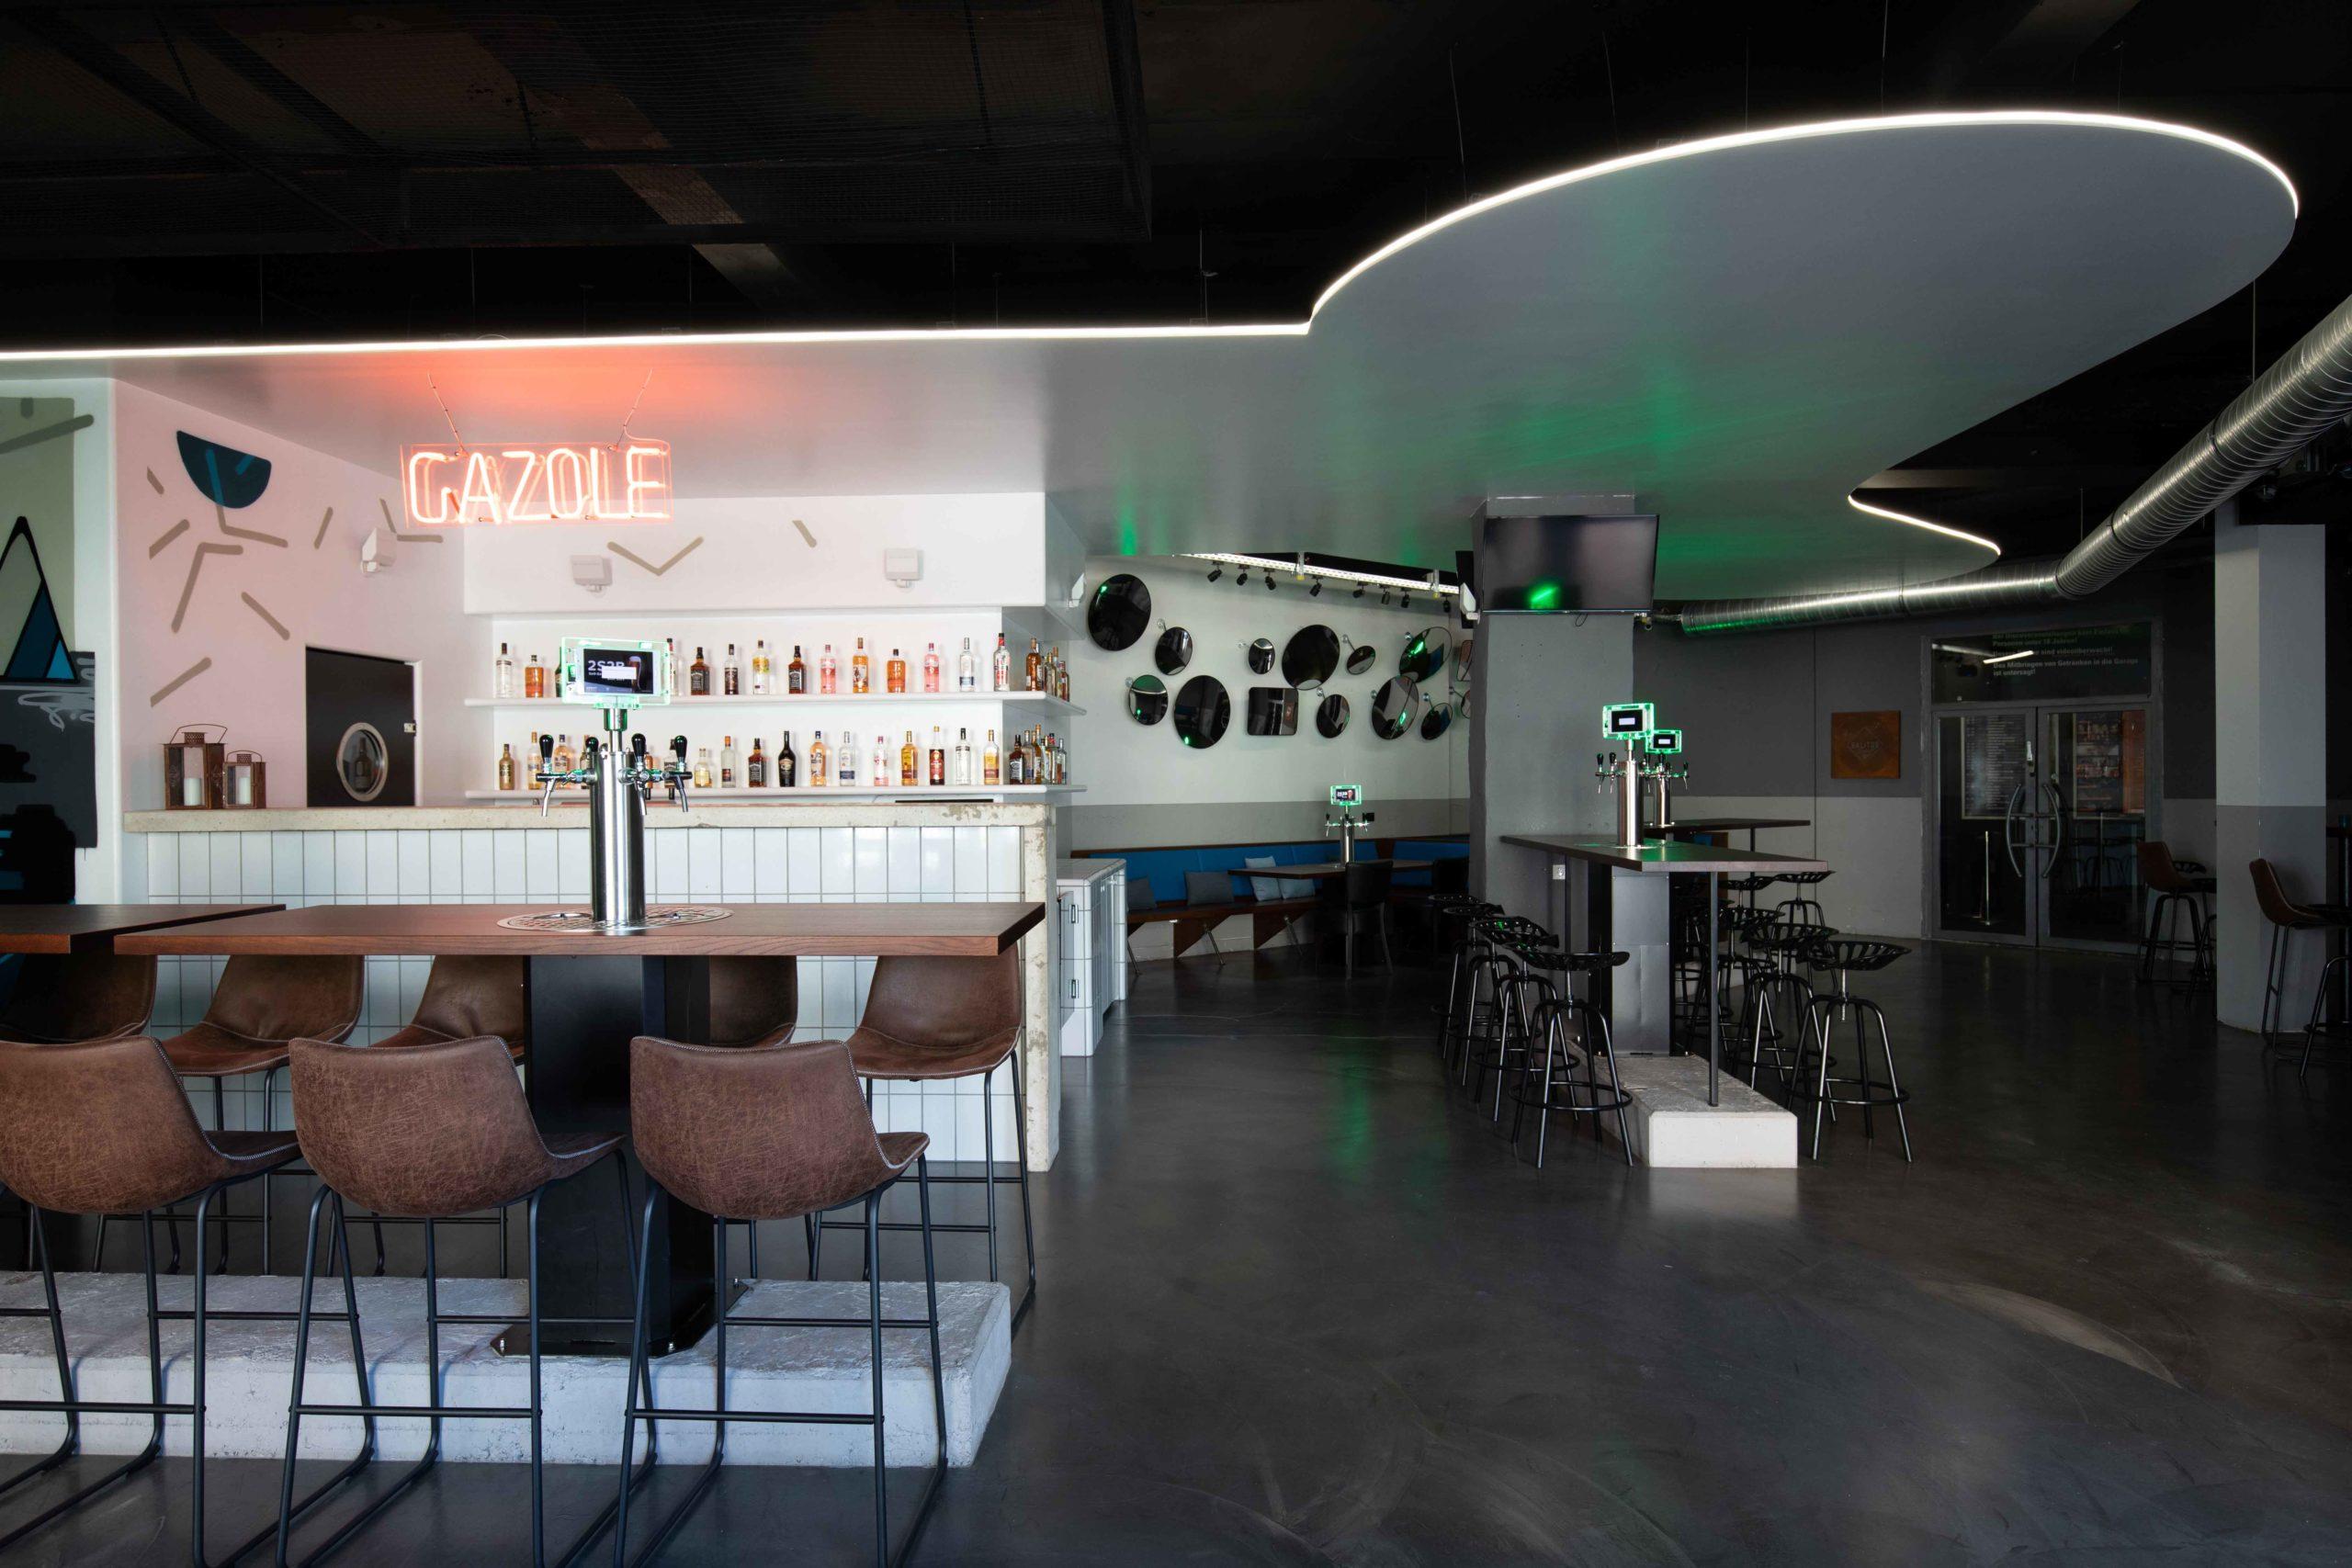 Bardesign Restauranteinblick Gazole Inneneinrichtung Nobla